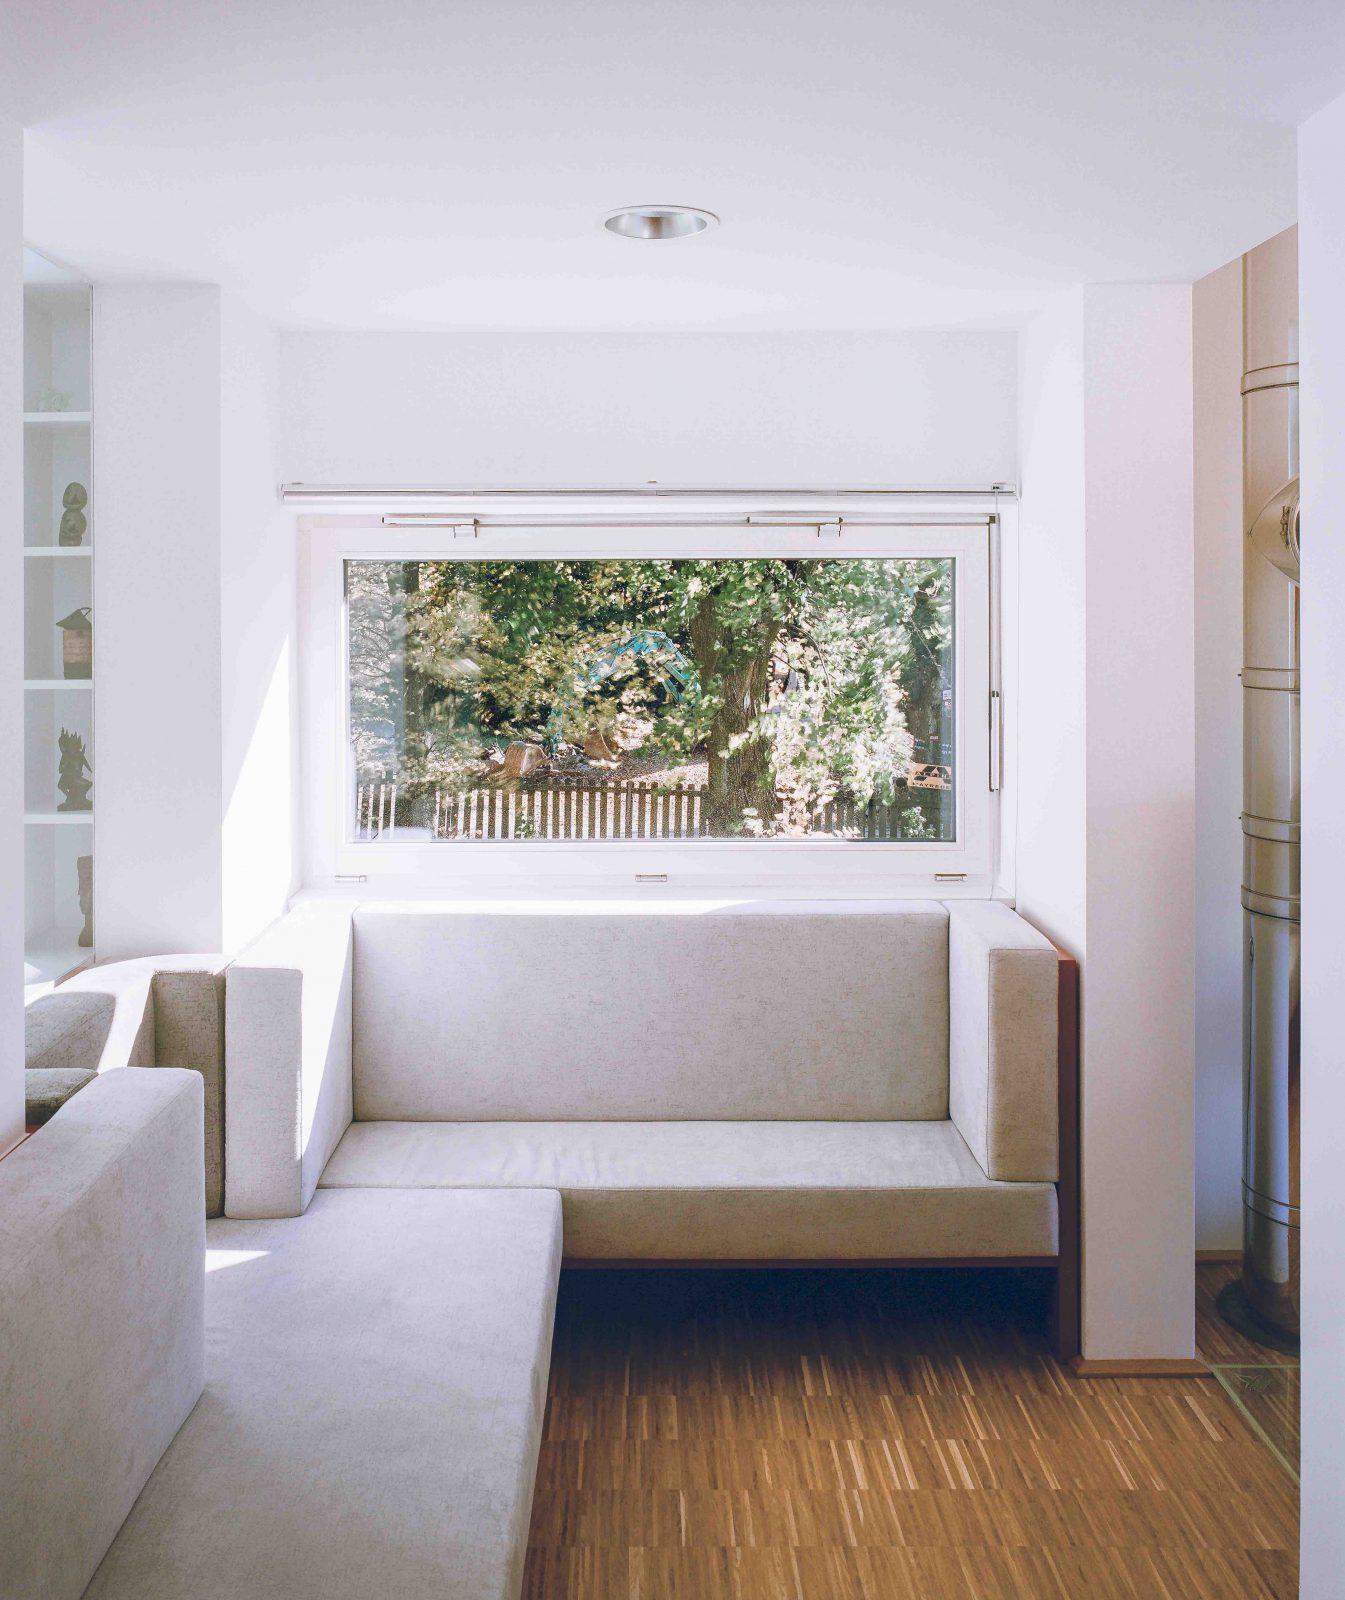 Sitzecke grau Fenster